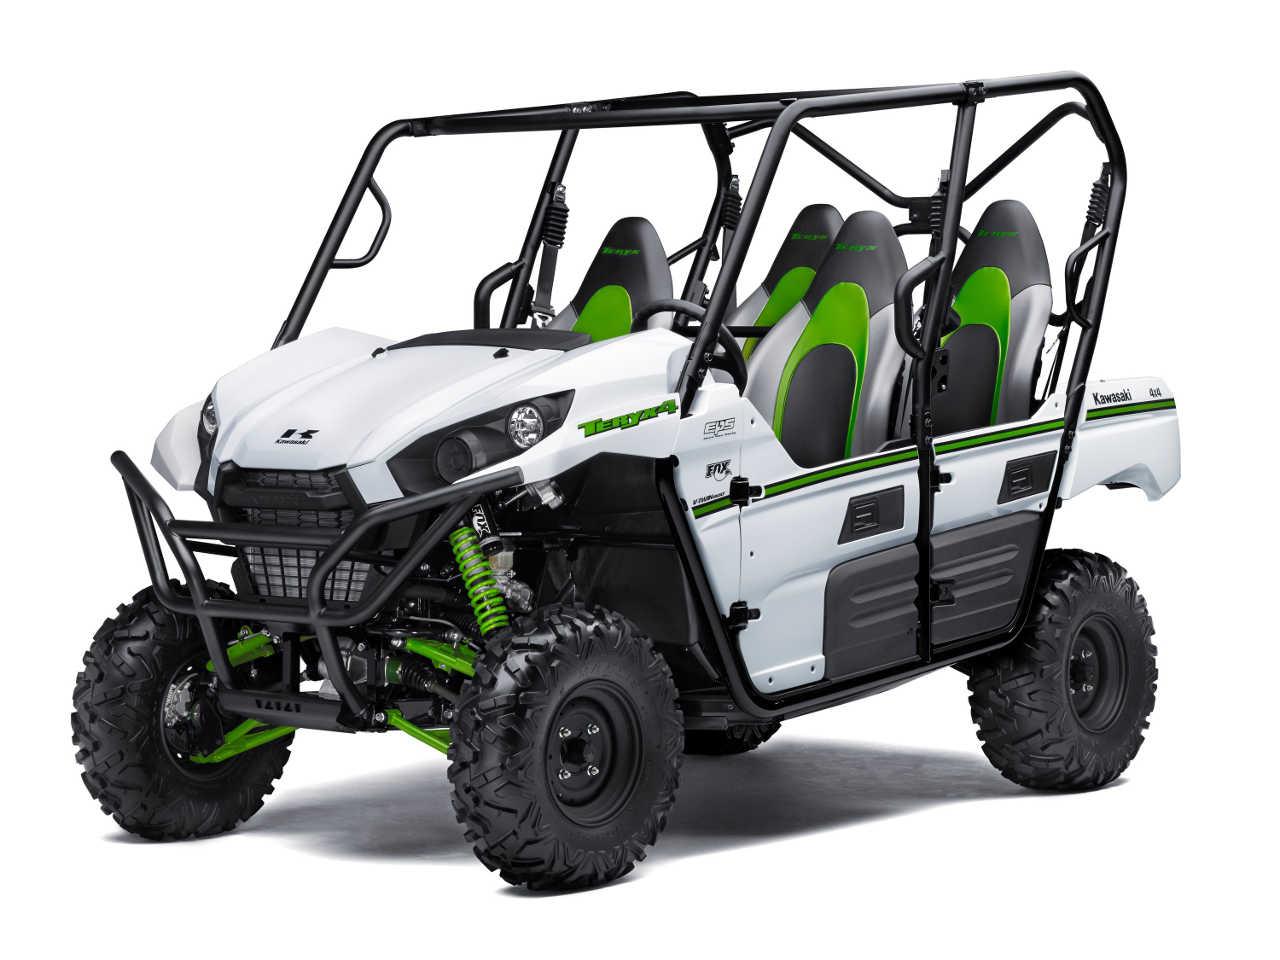 Kawasaki Teryx Wheels For Sale